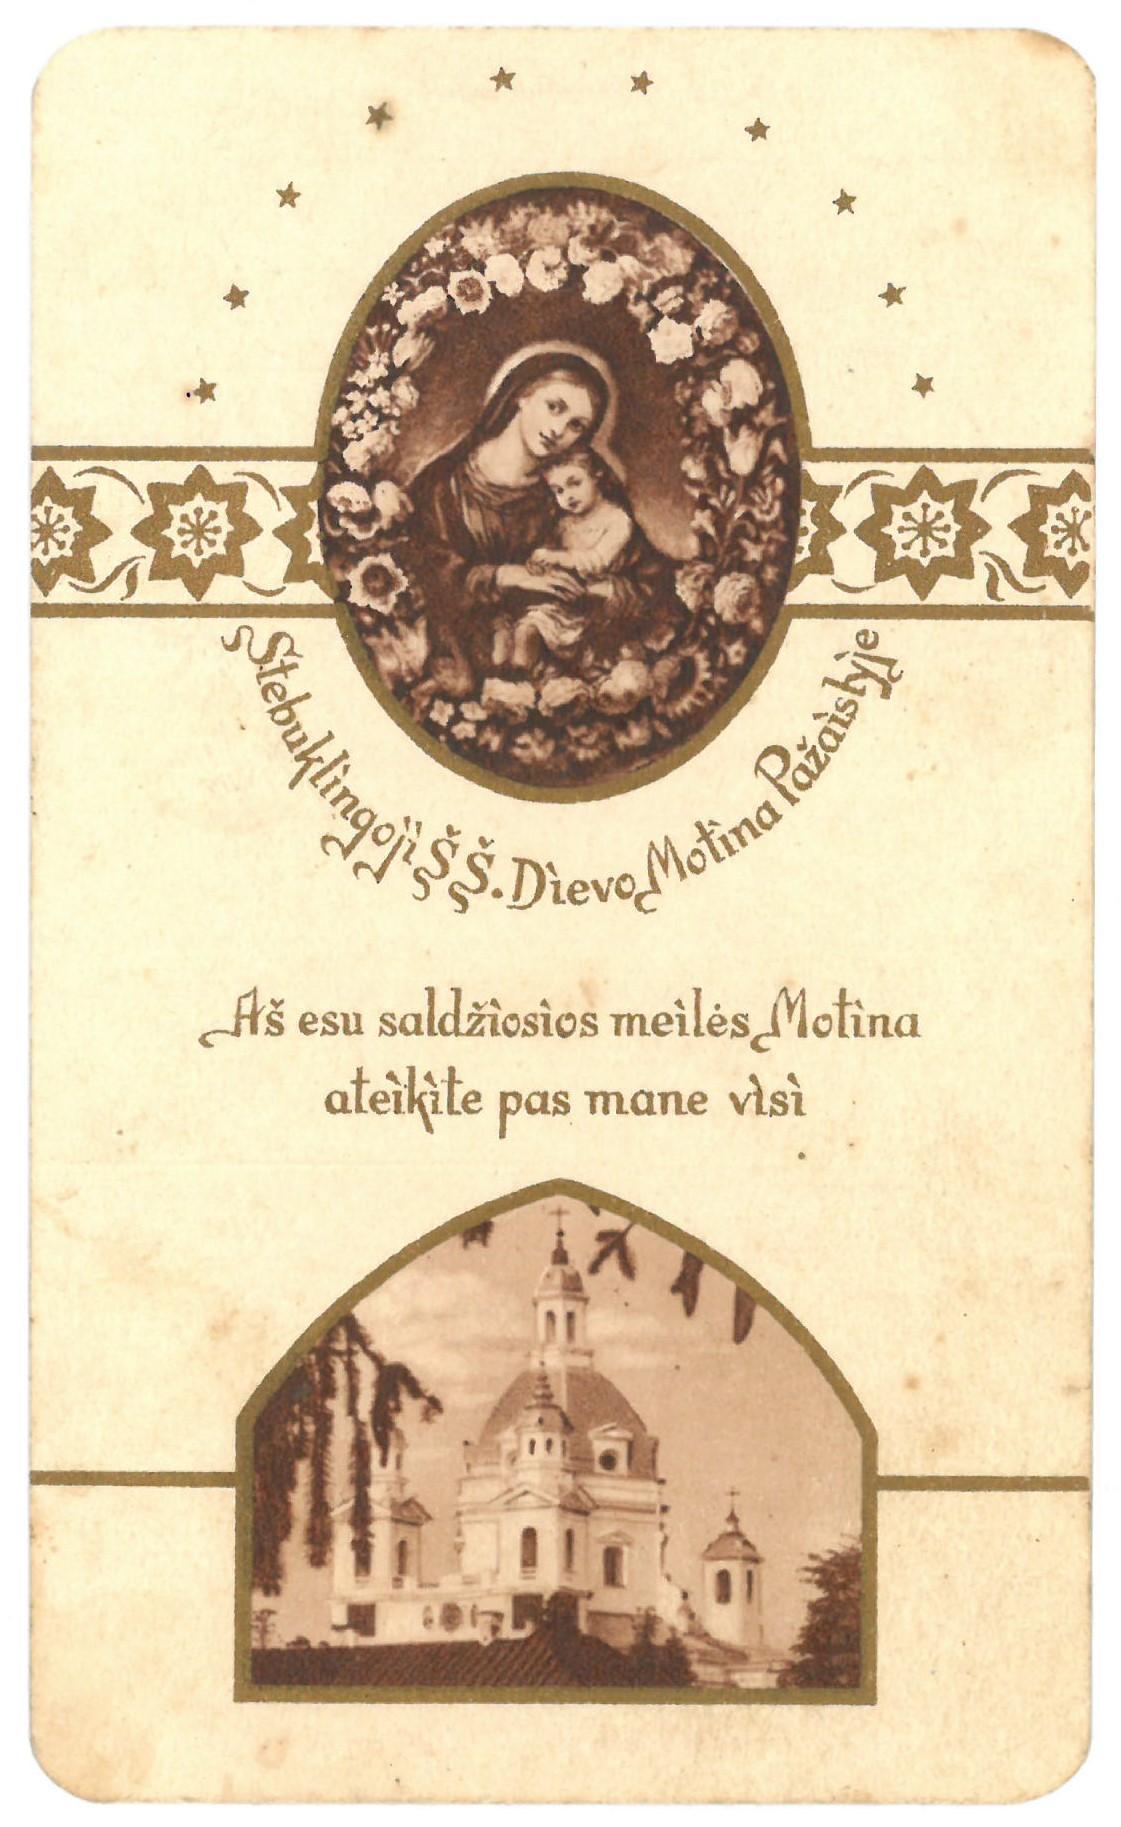 """Religinis paveikslėlis. """"Stebuklingoji Š. Š. Dievo Motina Pažaislyje"""". Skirta paminėti Stebuklingosios Š. Š. Dievo Motinos paveikslo sugrąžinimo į Pažaislio Šv. Kazimiero seserų vienuolyno bažnyčią 10-mečiui"""